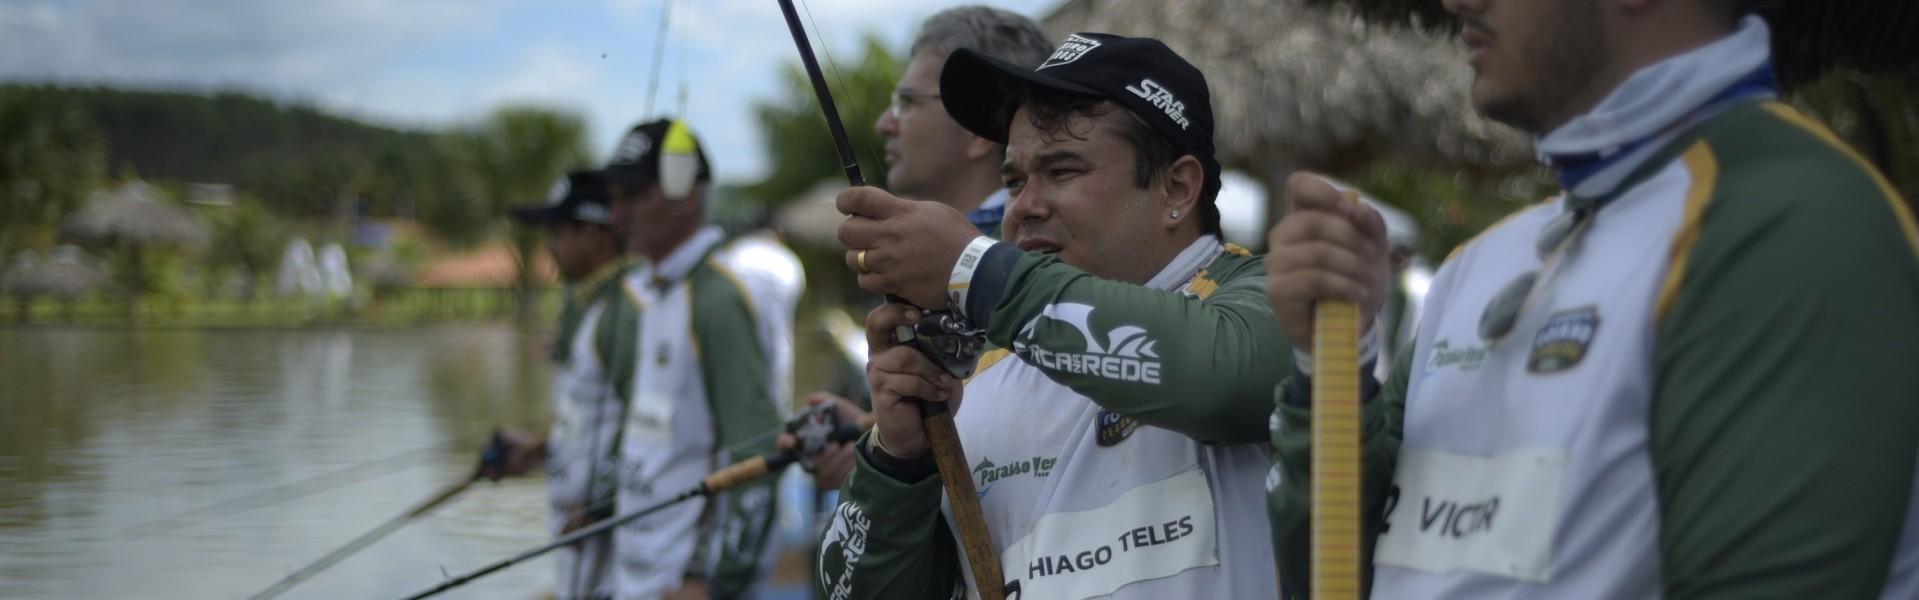 Restam vagas só para o segundo dia do Campeonato Goiano em Pesqueiros